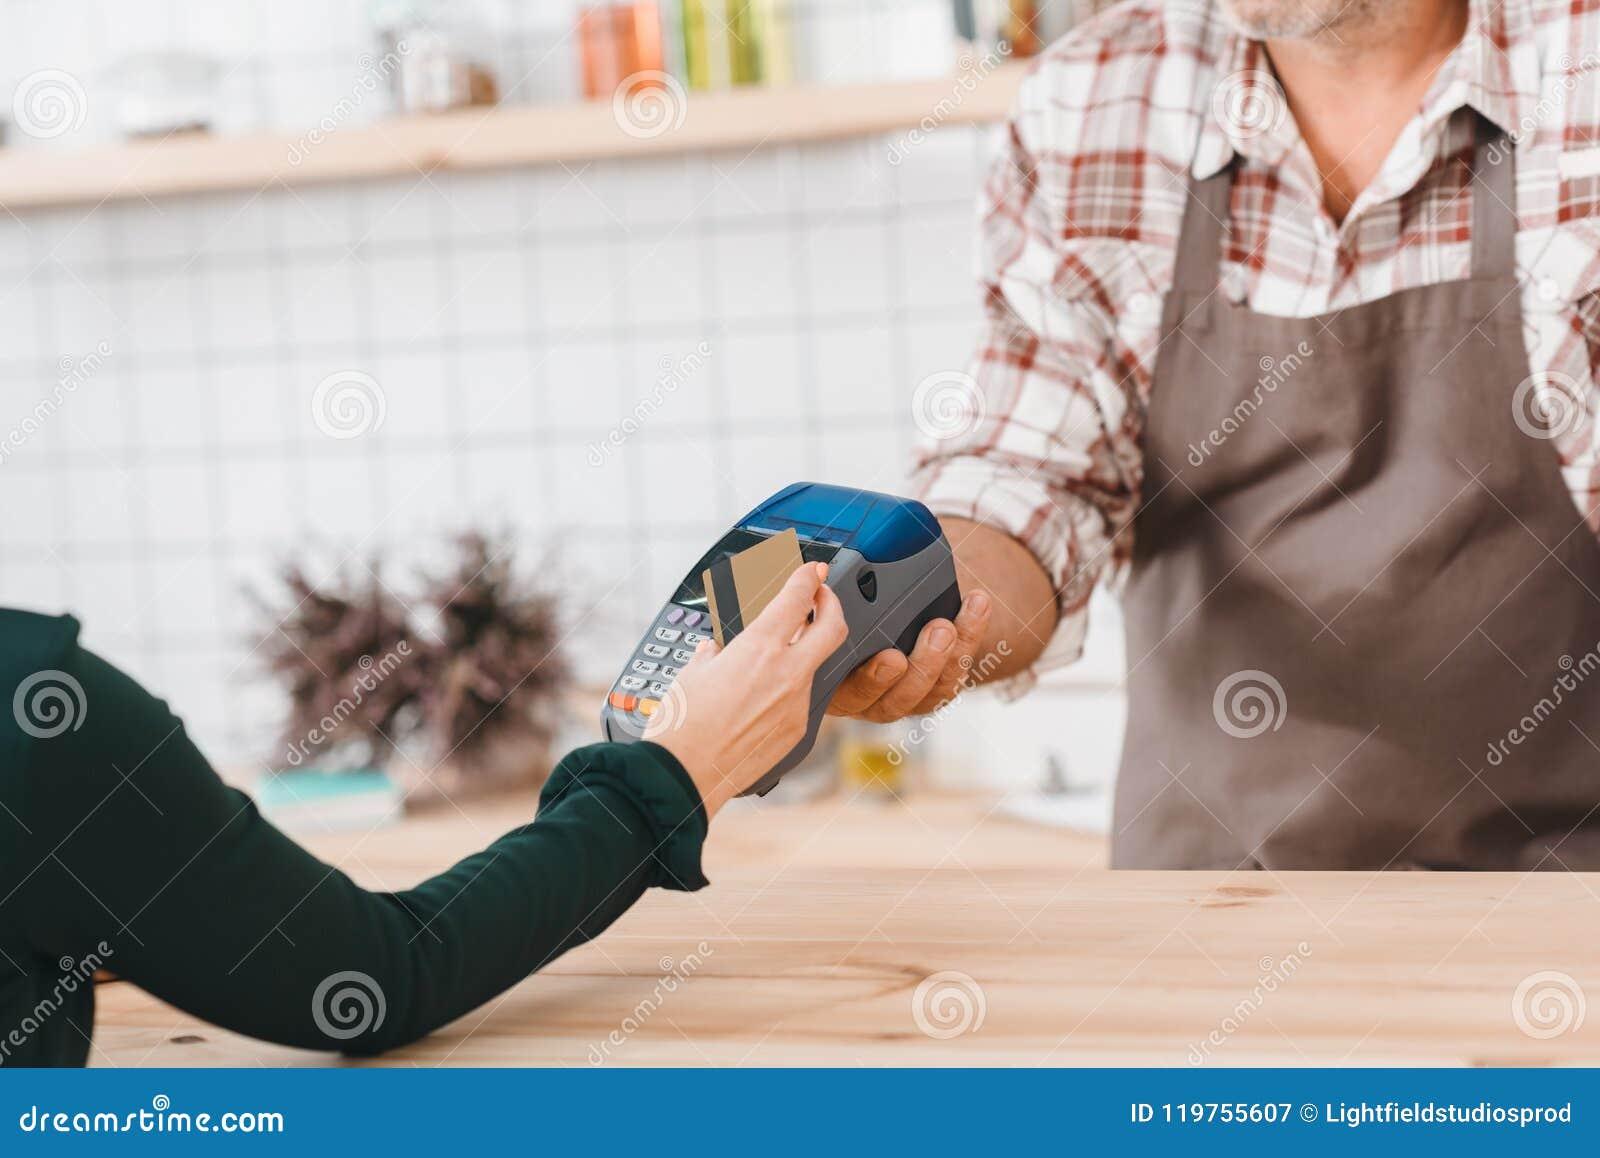 Tiro cosechado del camarero que da el terminal de la posición al cliente para pagar